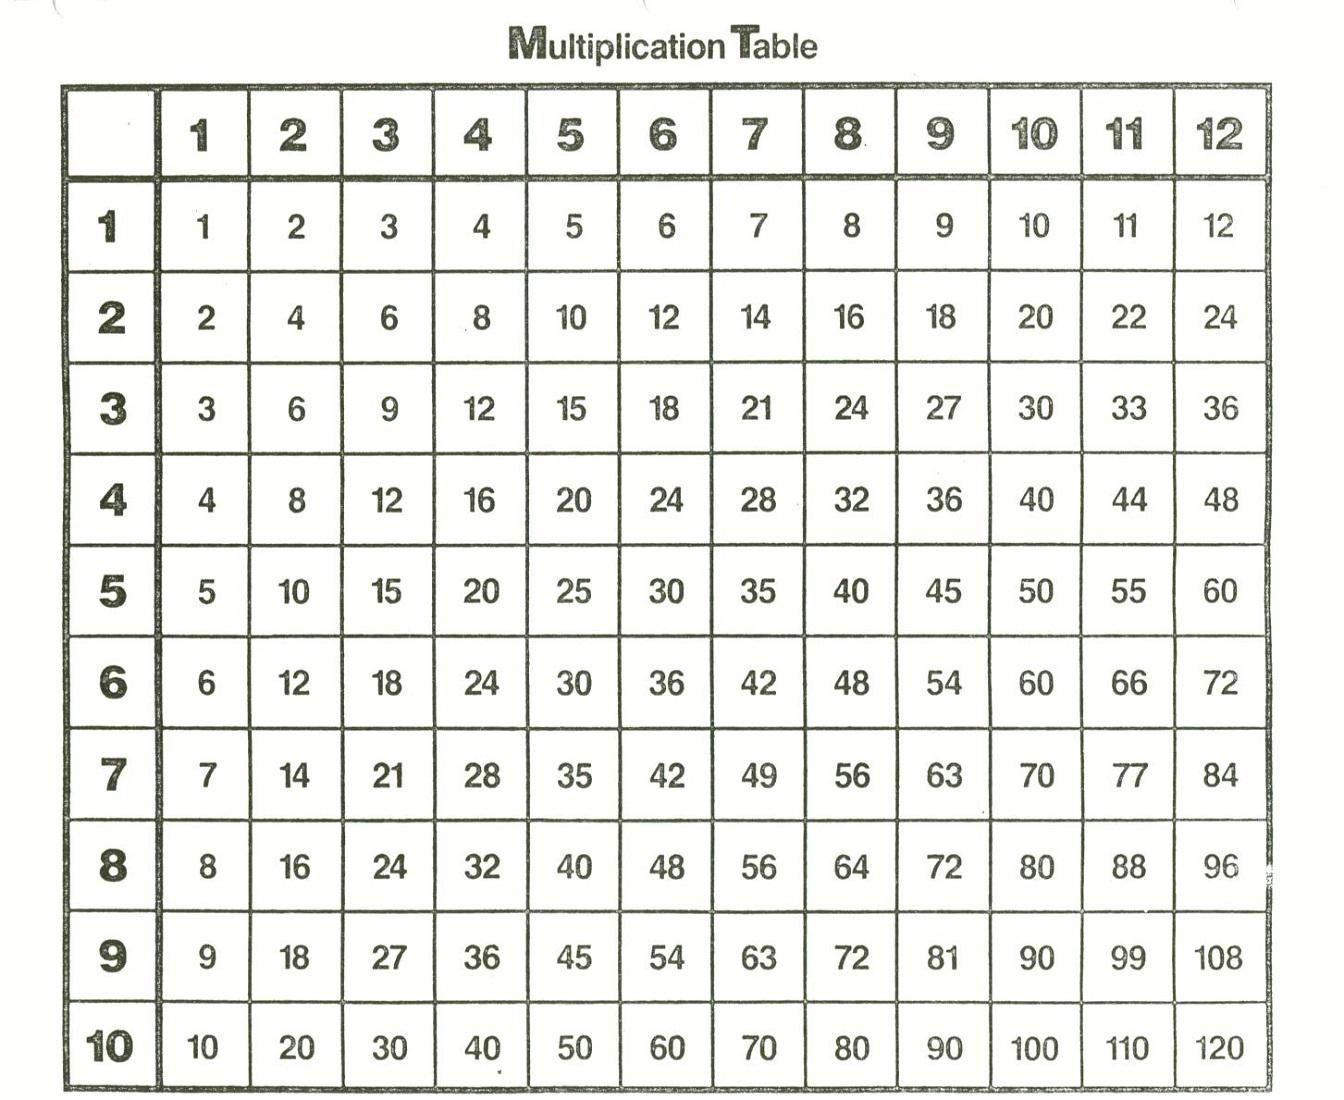 Multiplication Table Chart Printable Printable Multiplication Table - Free Printable Multiplication Chart